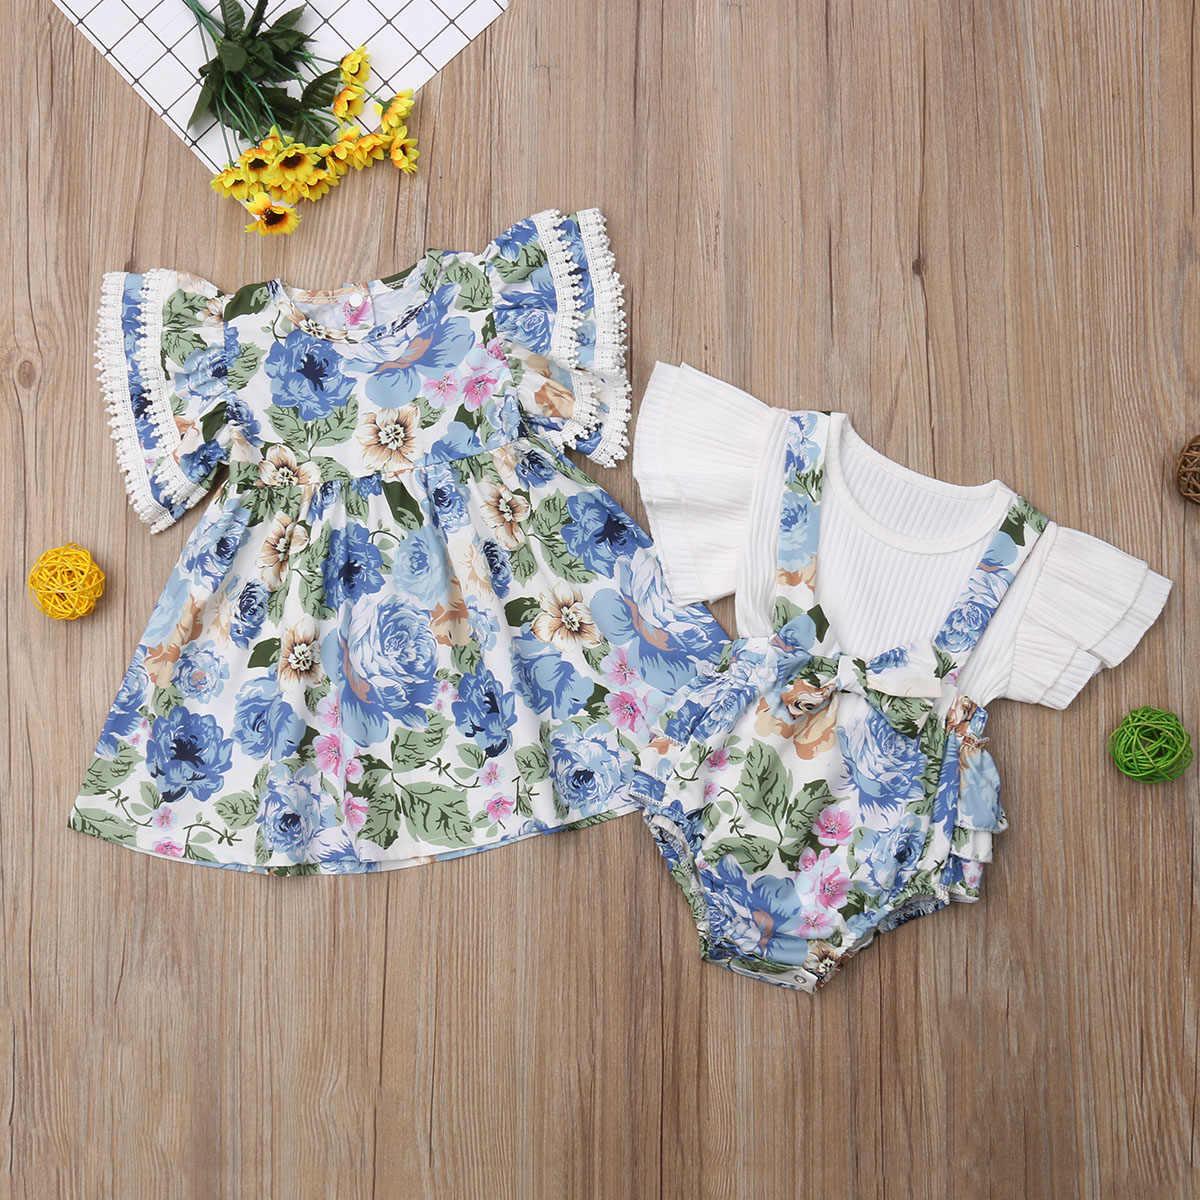 2019 Baru Anak-anak Balita Putri Bayi Keluarga Sister Sesuai dengan Pakaian Set Bunga Gaun/Suster Bib Tali Celana Pendek + kemeja 2 Pcssets